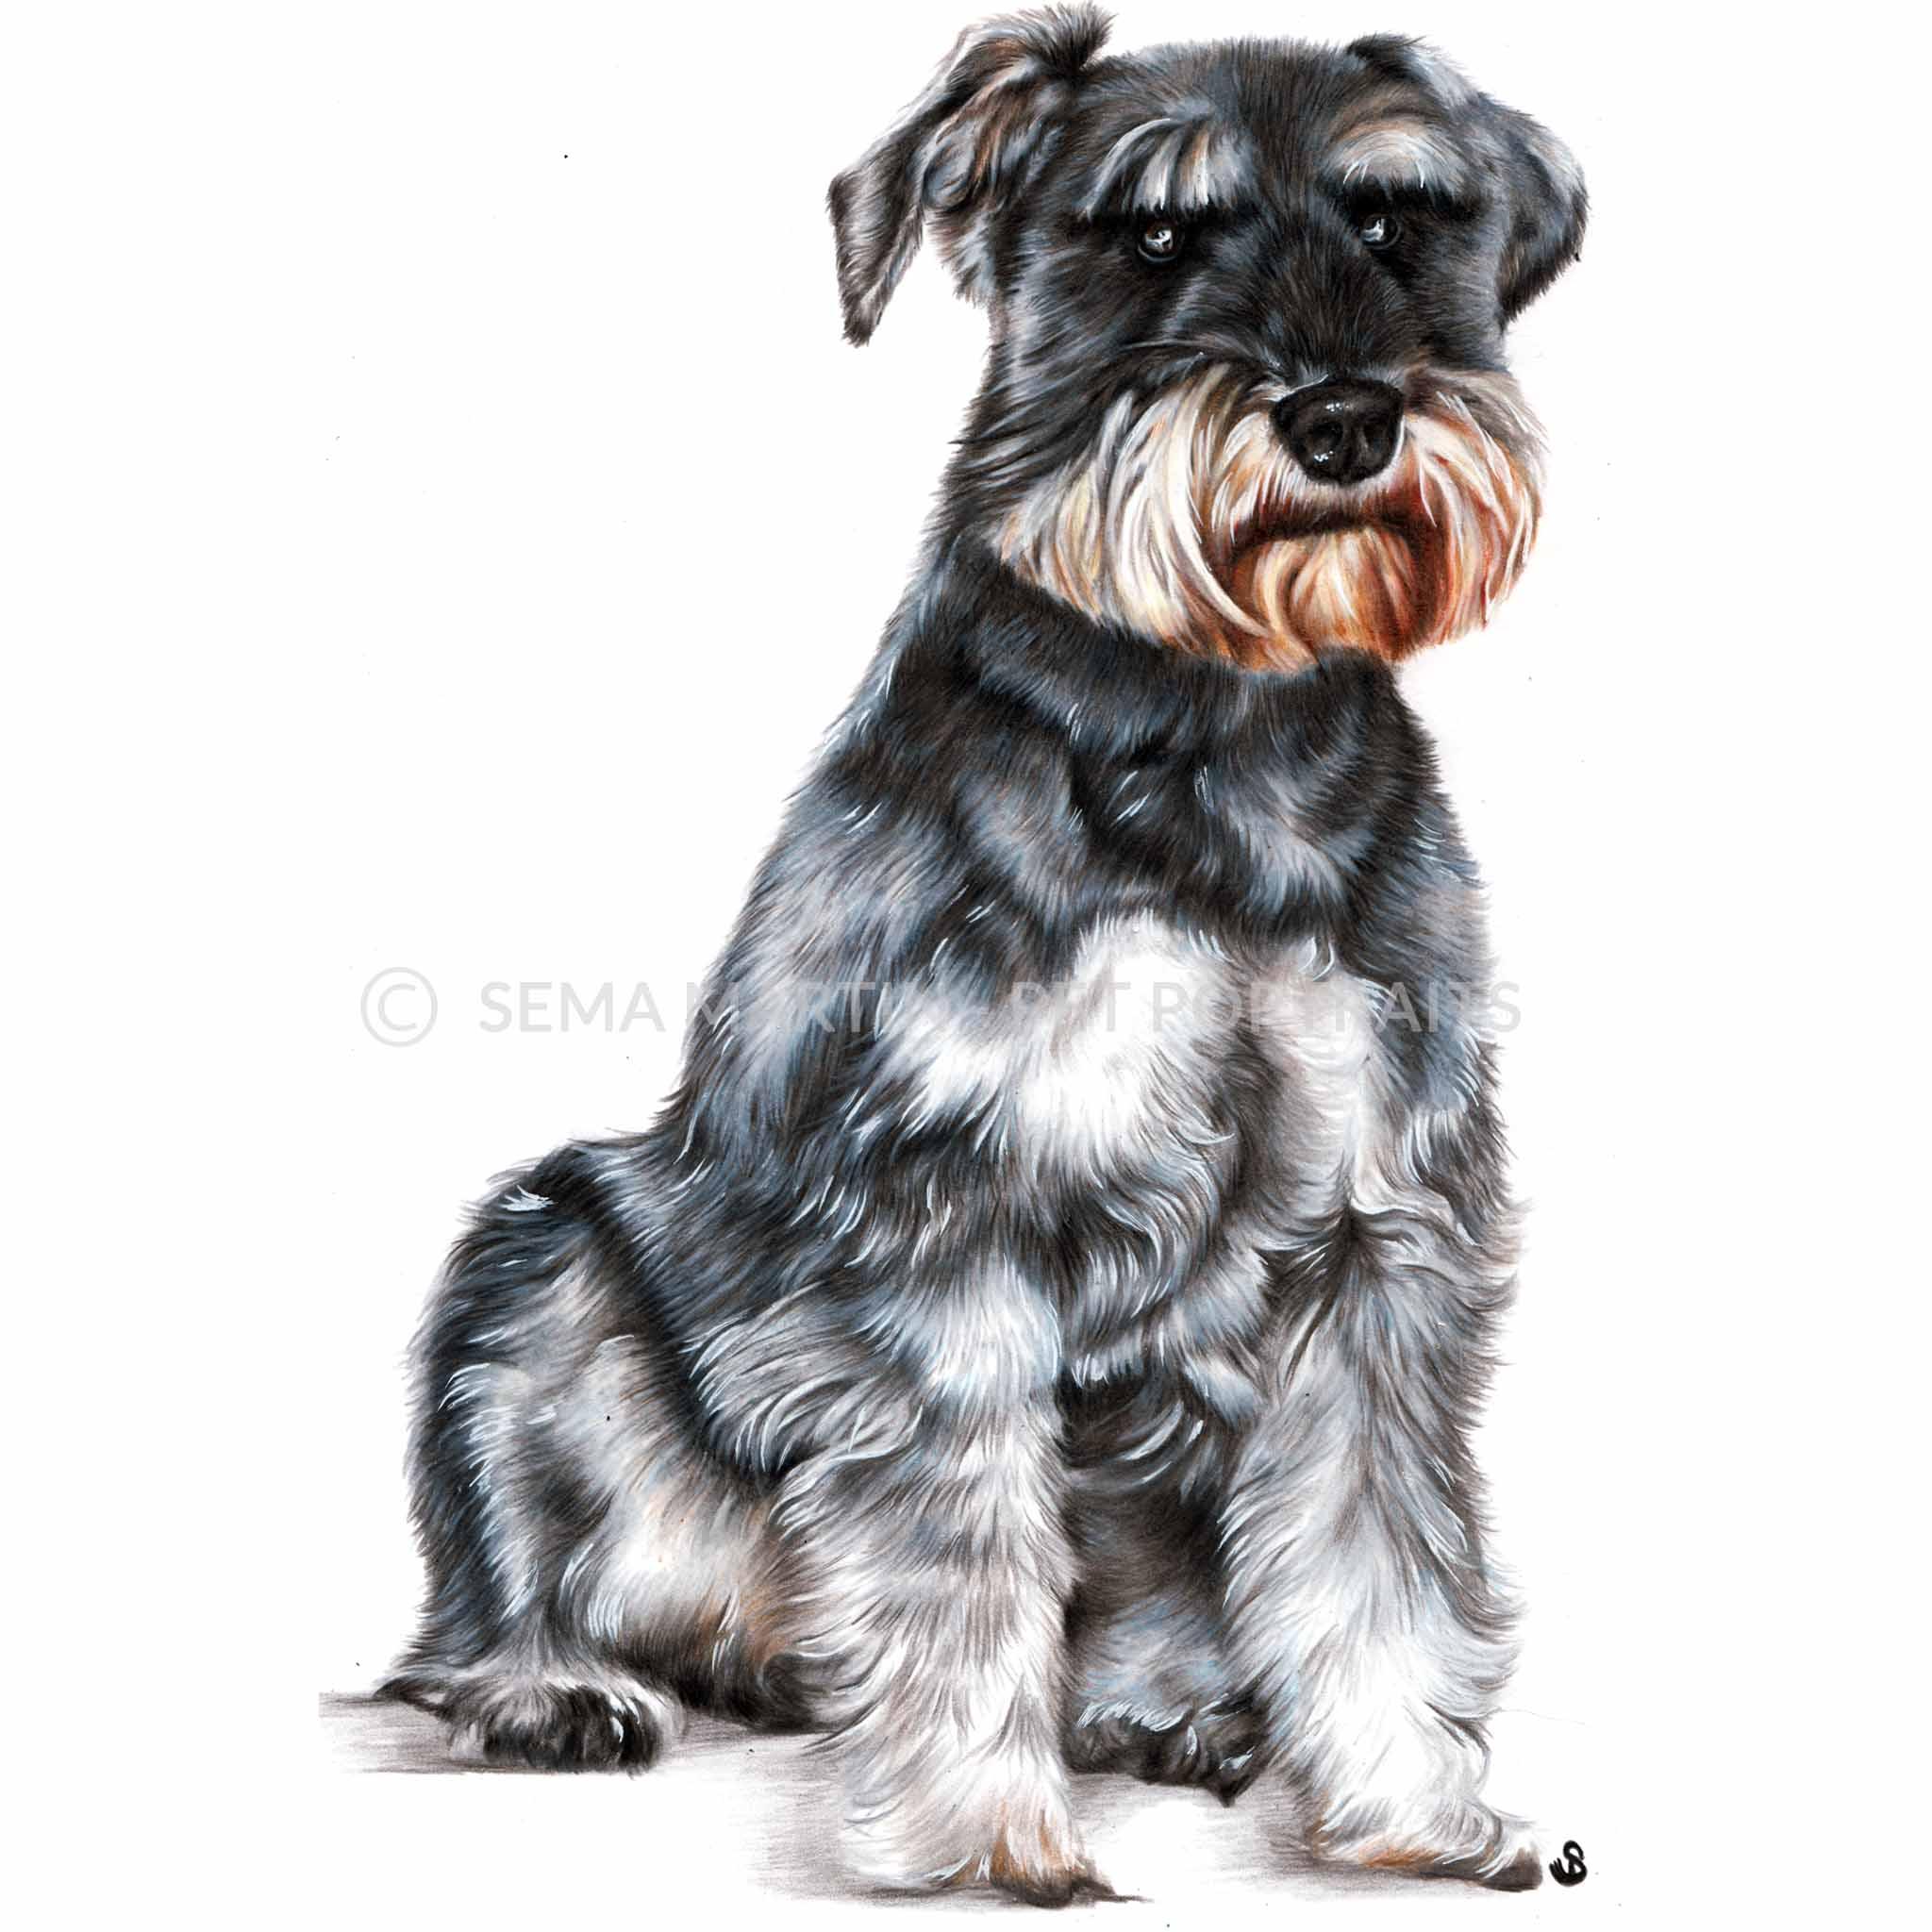 'Max' - UK, 8.3 x 11.7 inches, 2018, Colour Pencil Dog Portrait by Sema Martin